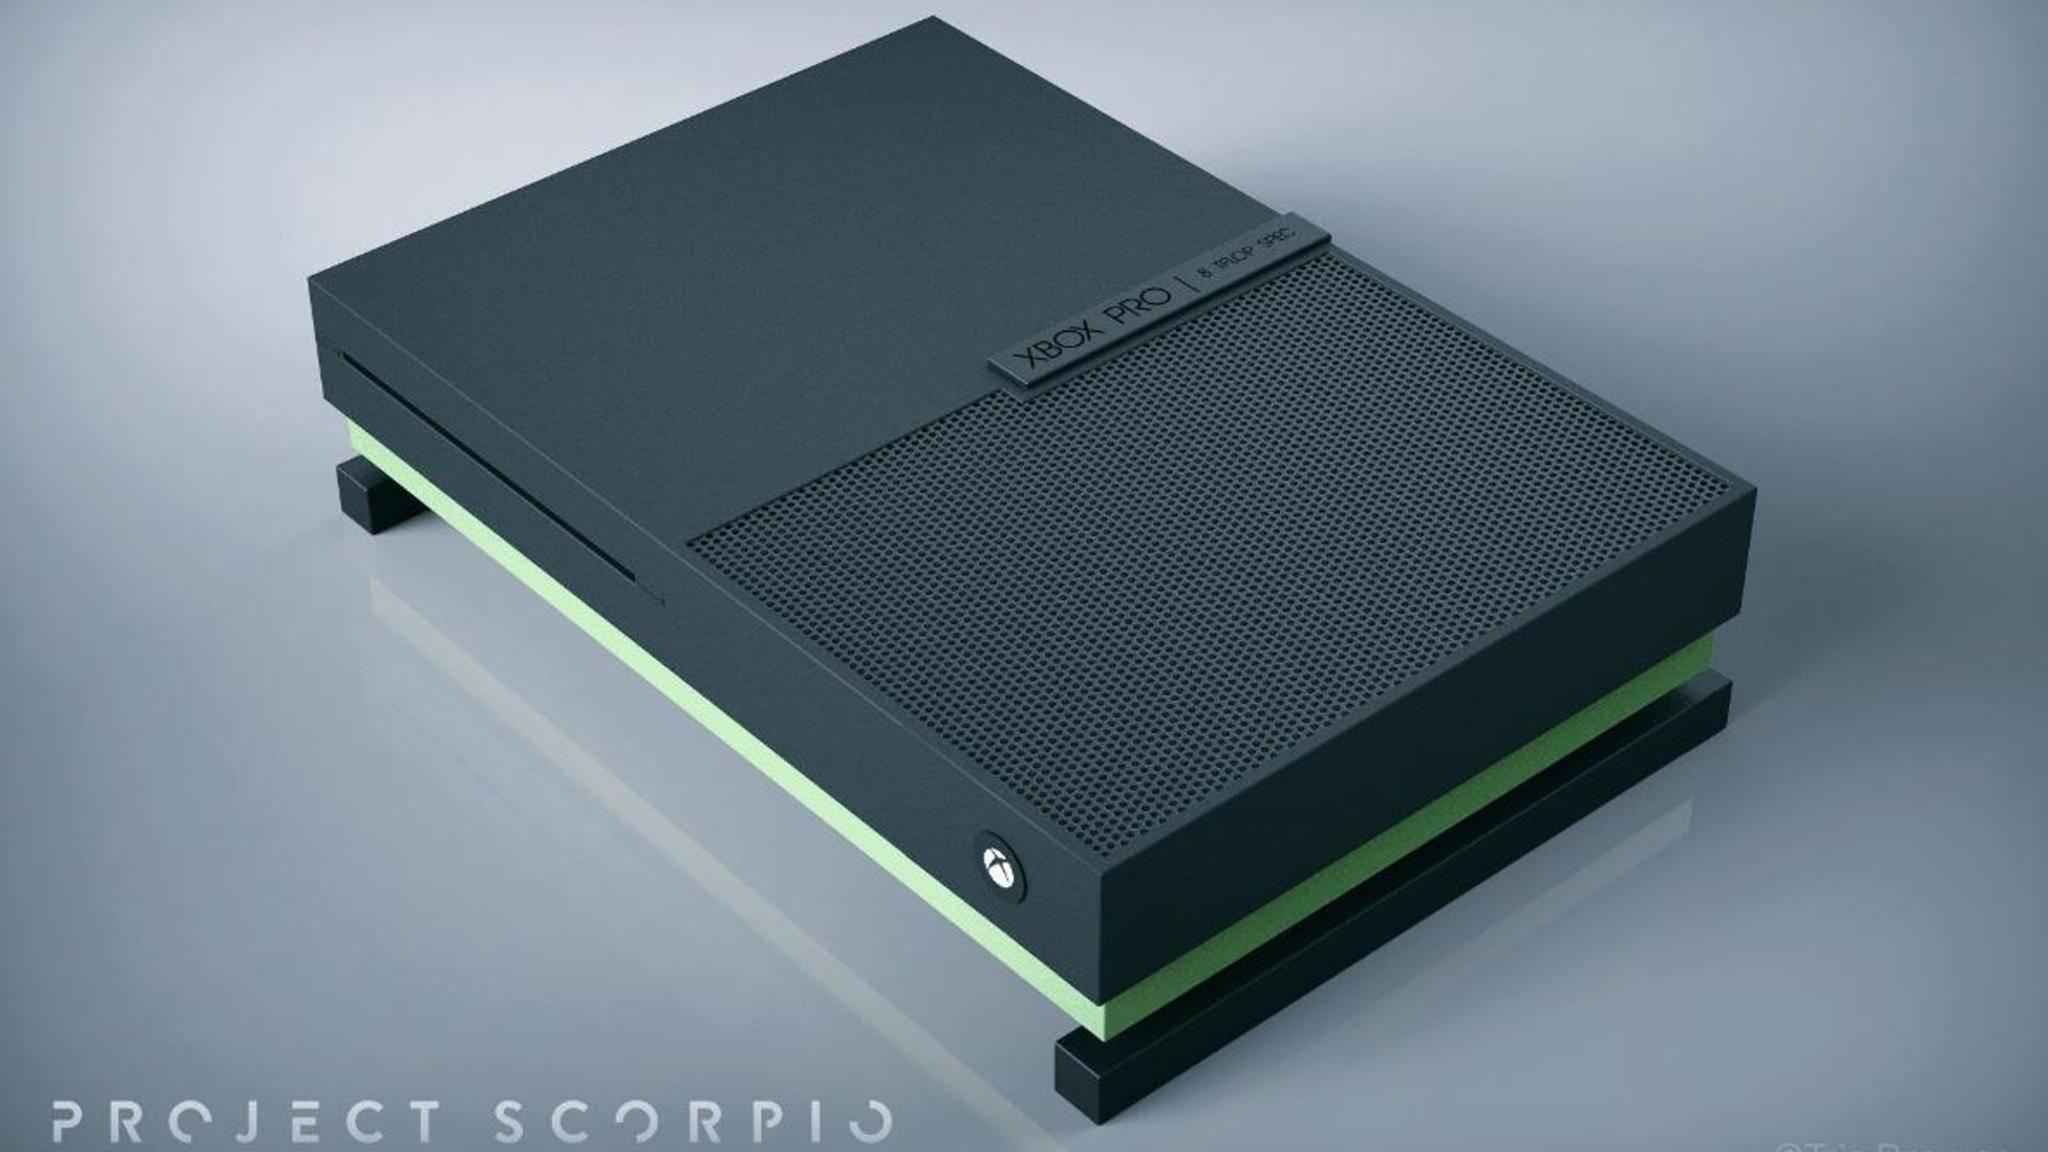 Wird die Xbox Scorpio so aussehen? Zur E3 wissen wir vermutlich mehr ...